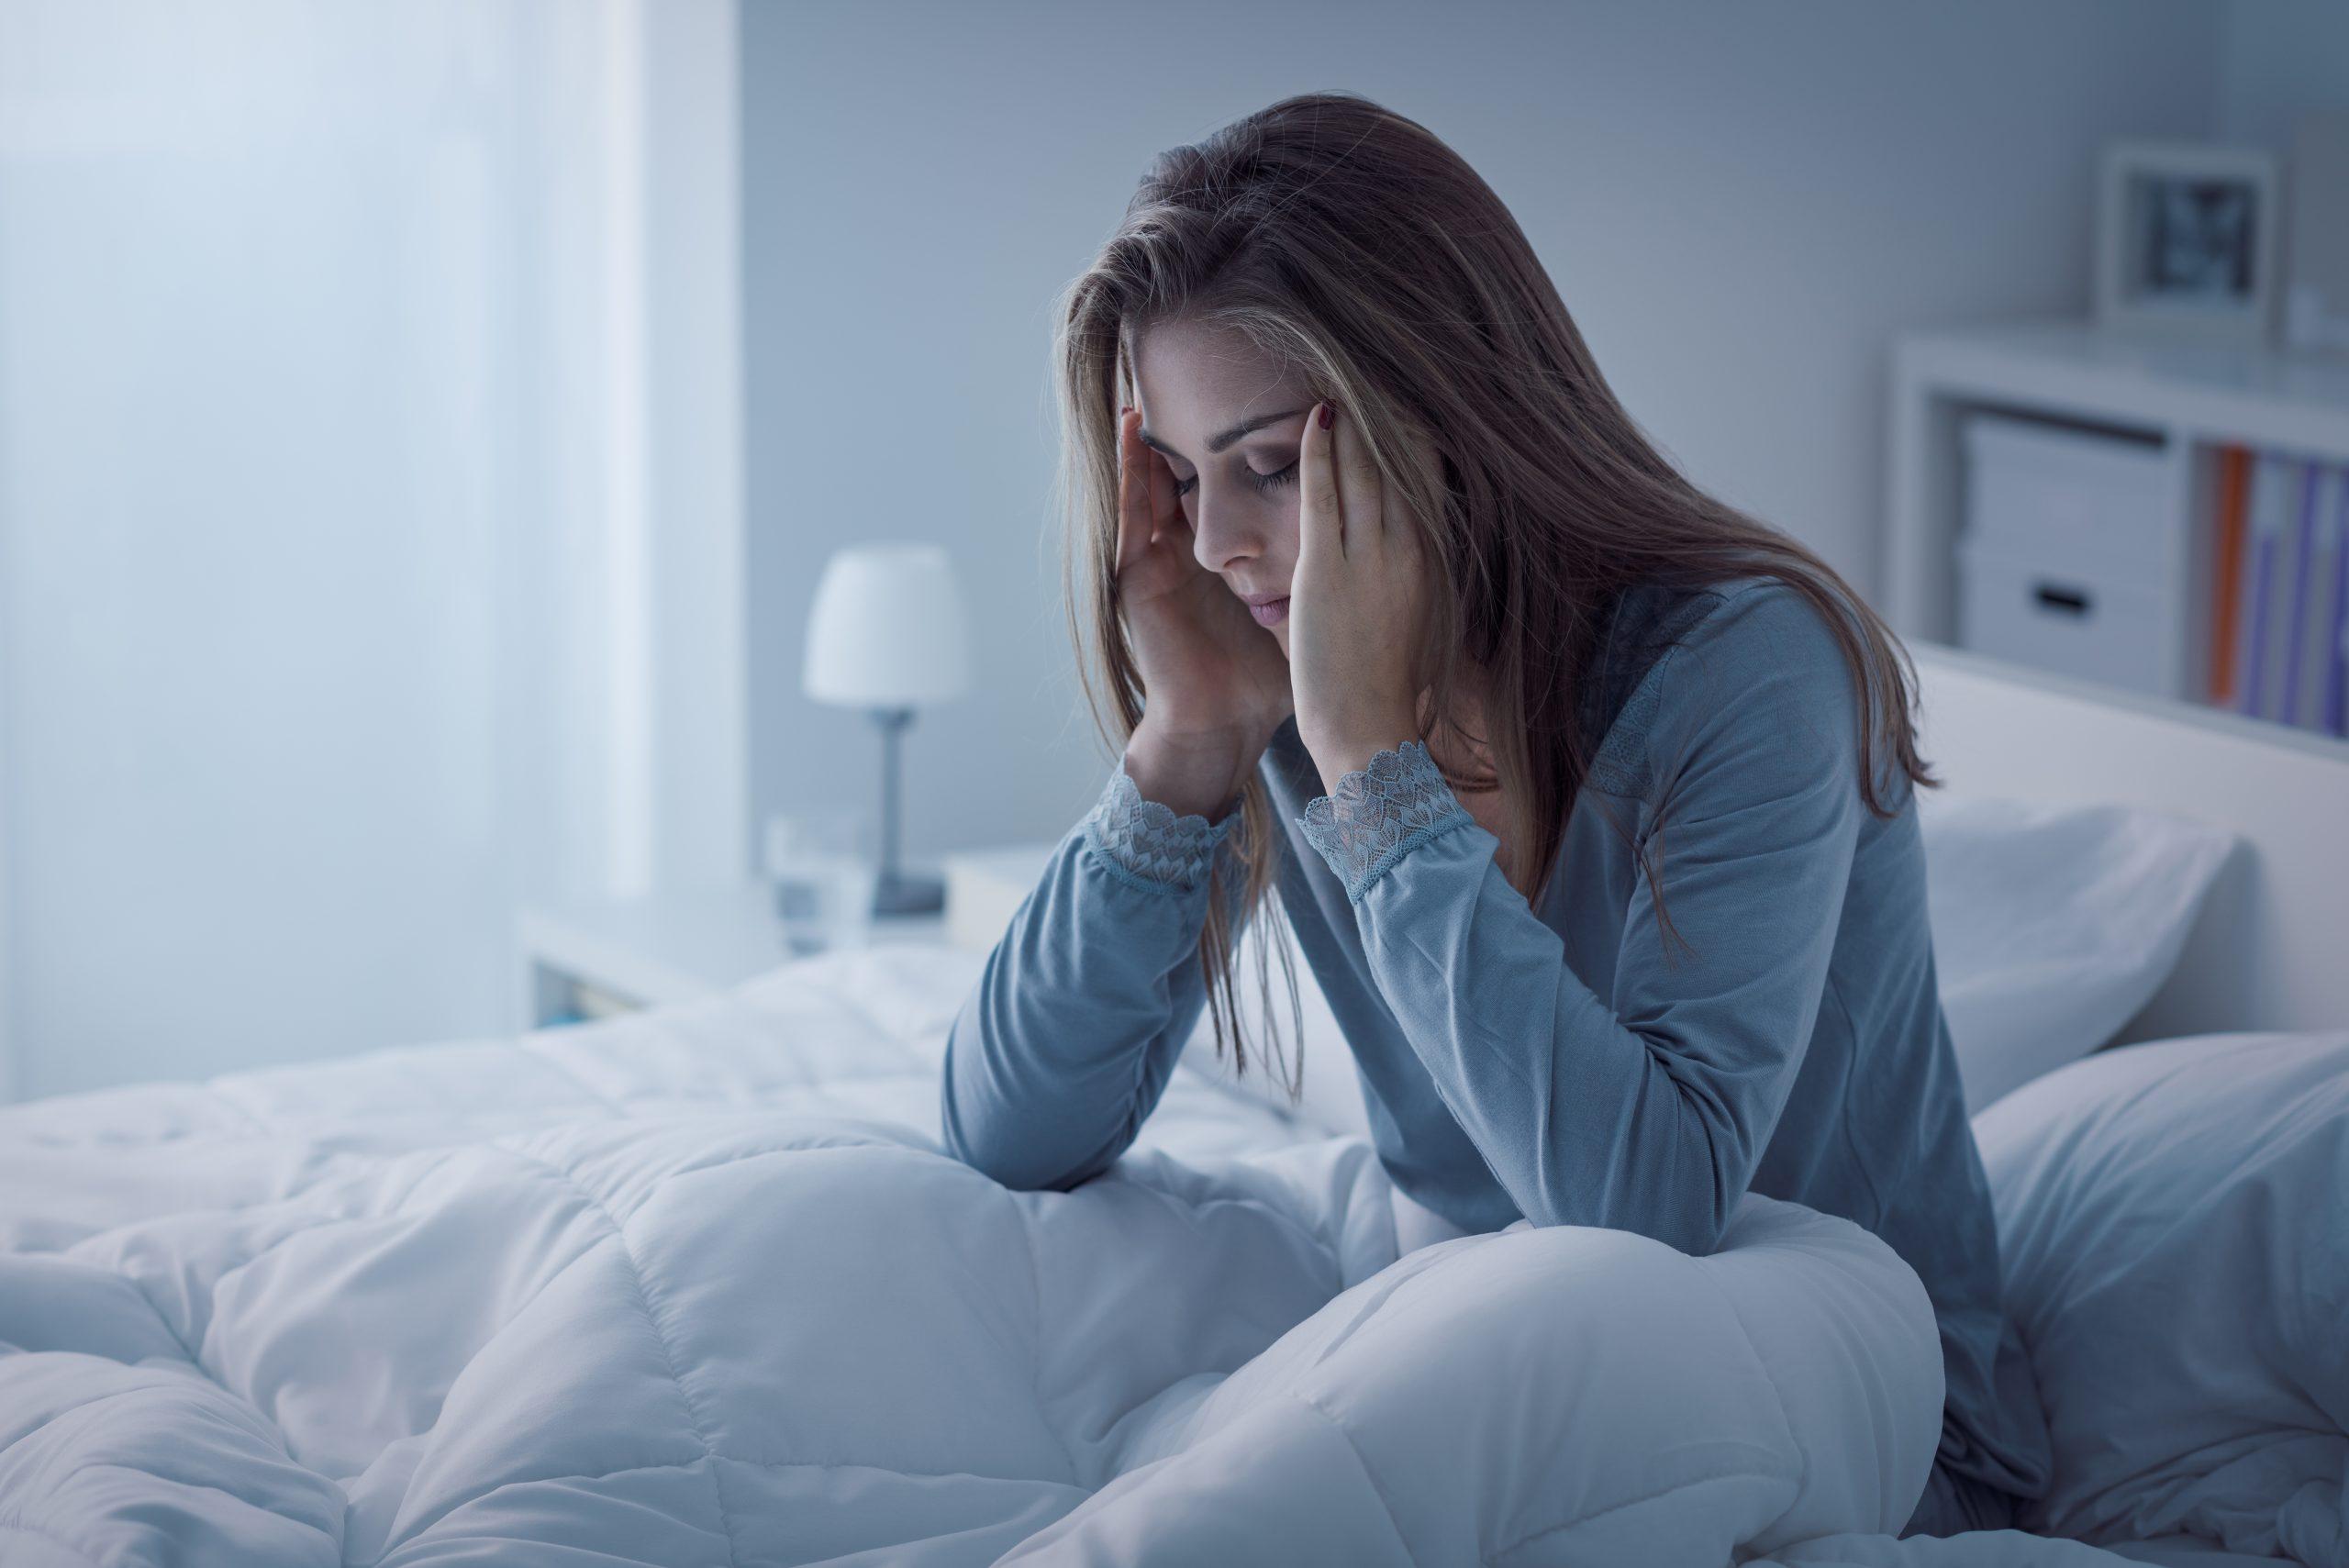 مقدمة حول متلازمة ما قبل الحيض PMS